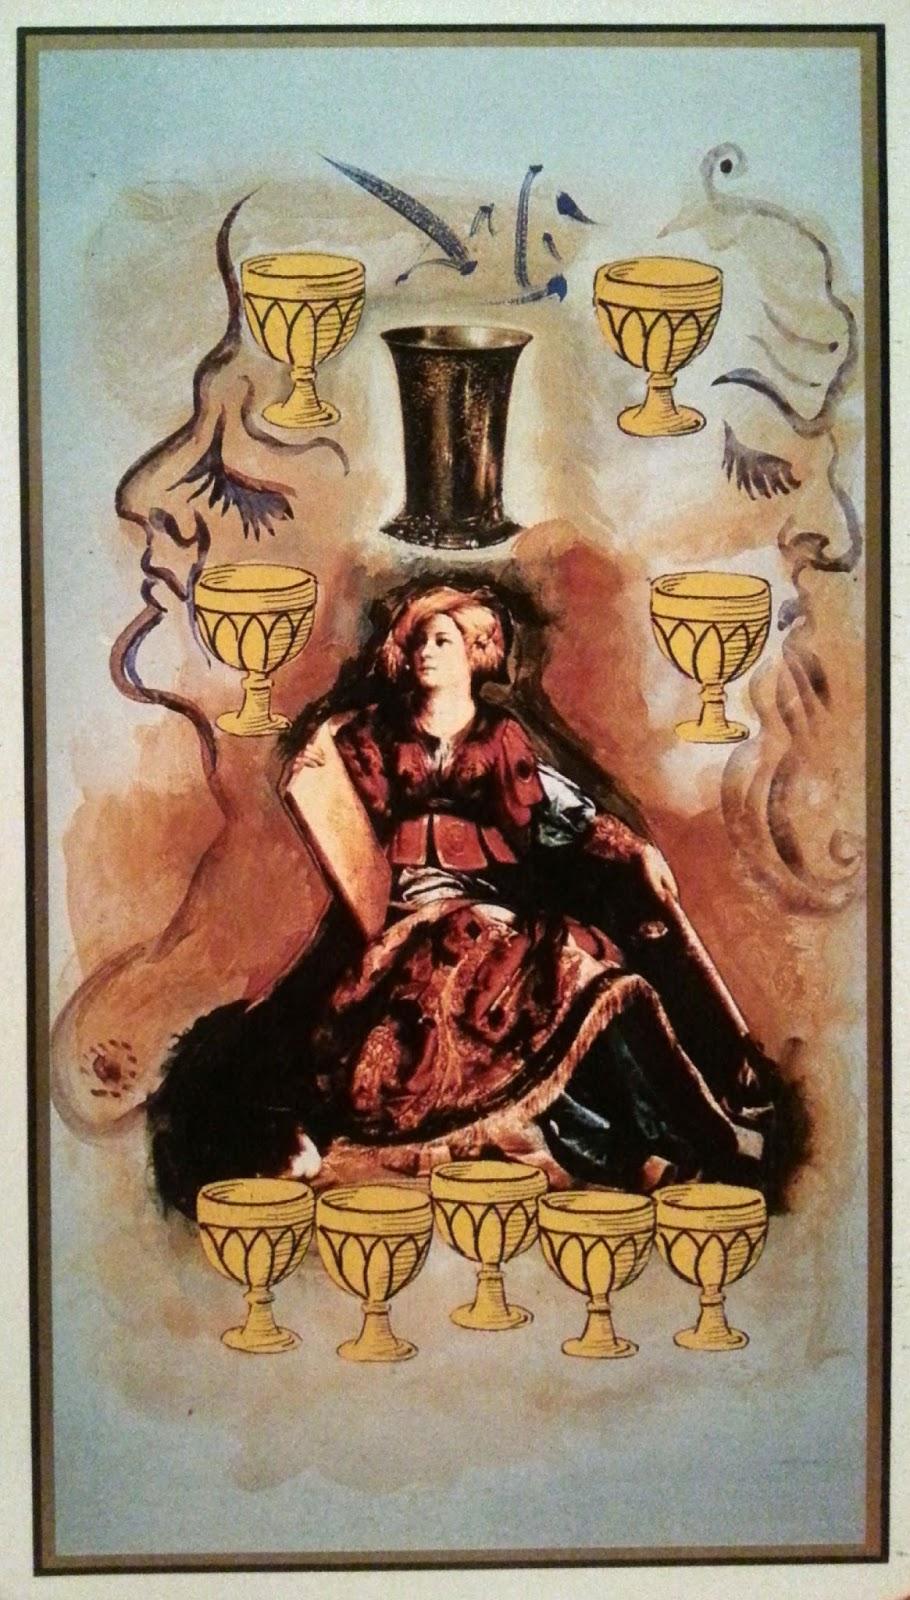 Nueve- Tarot Dalí